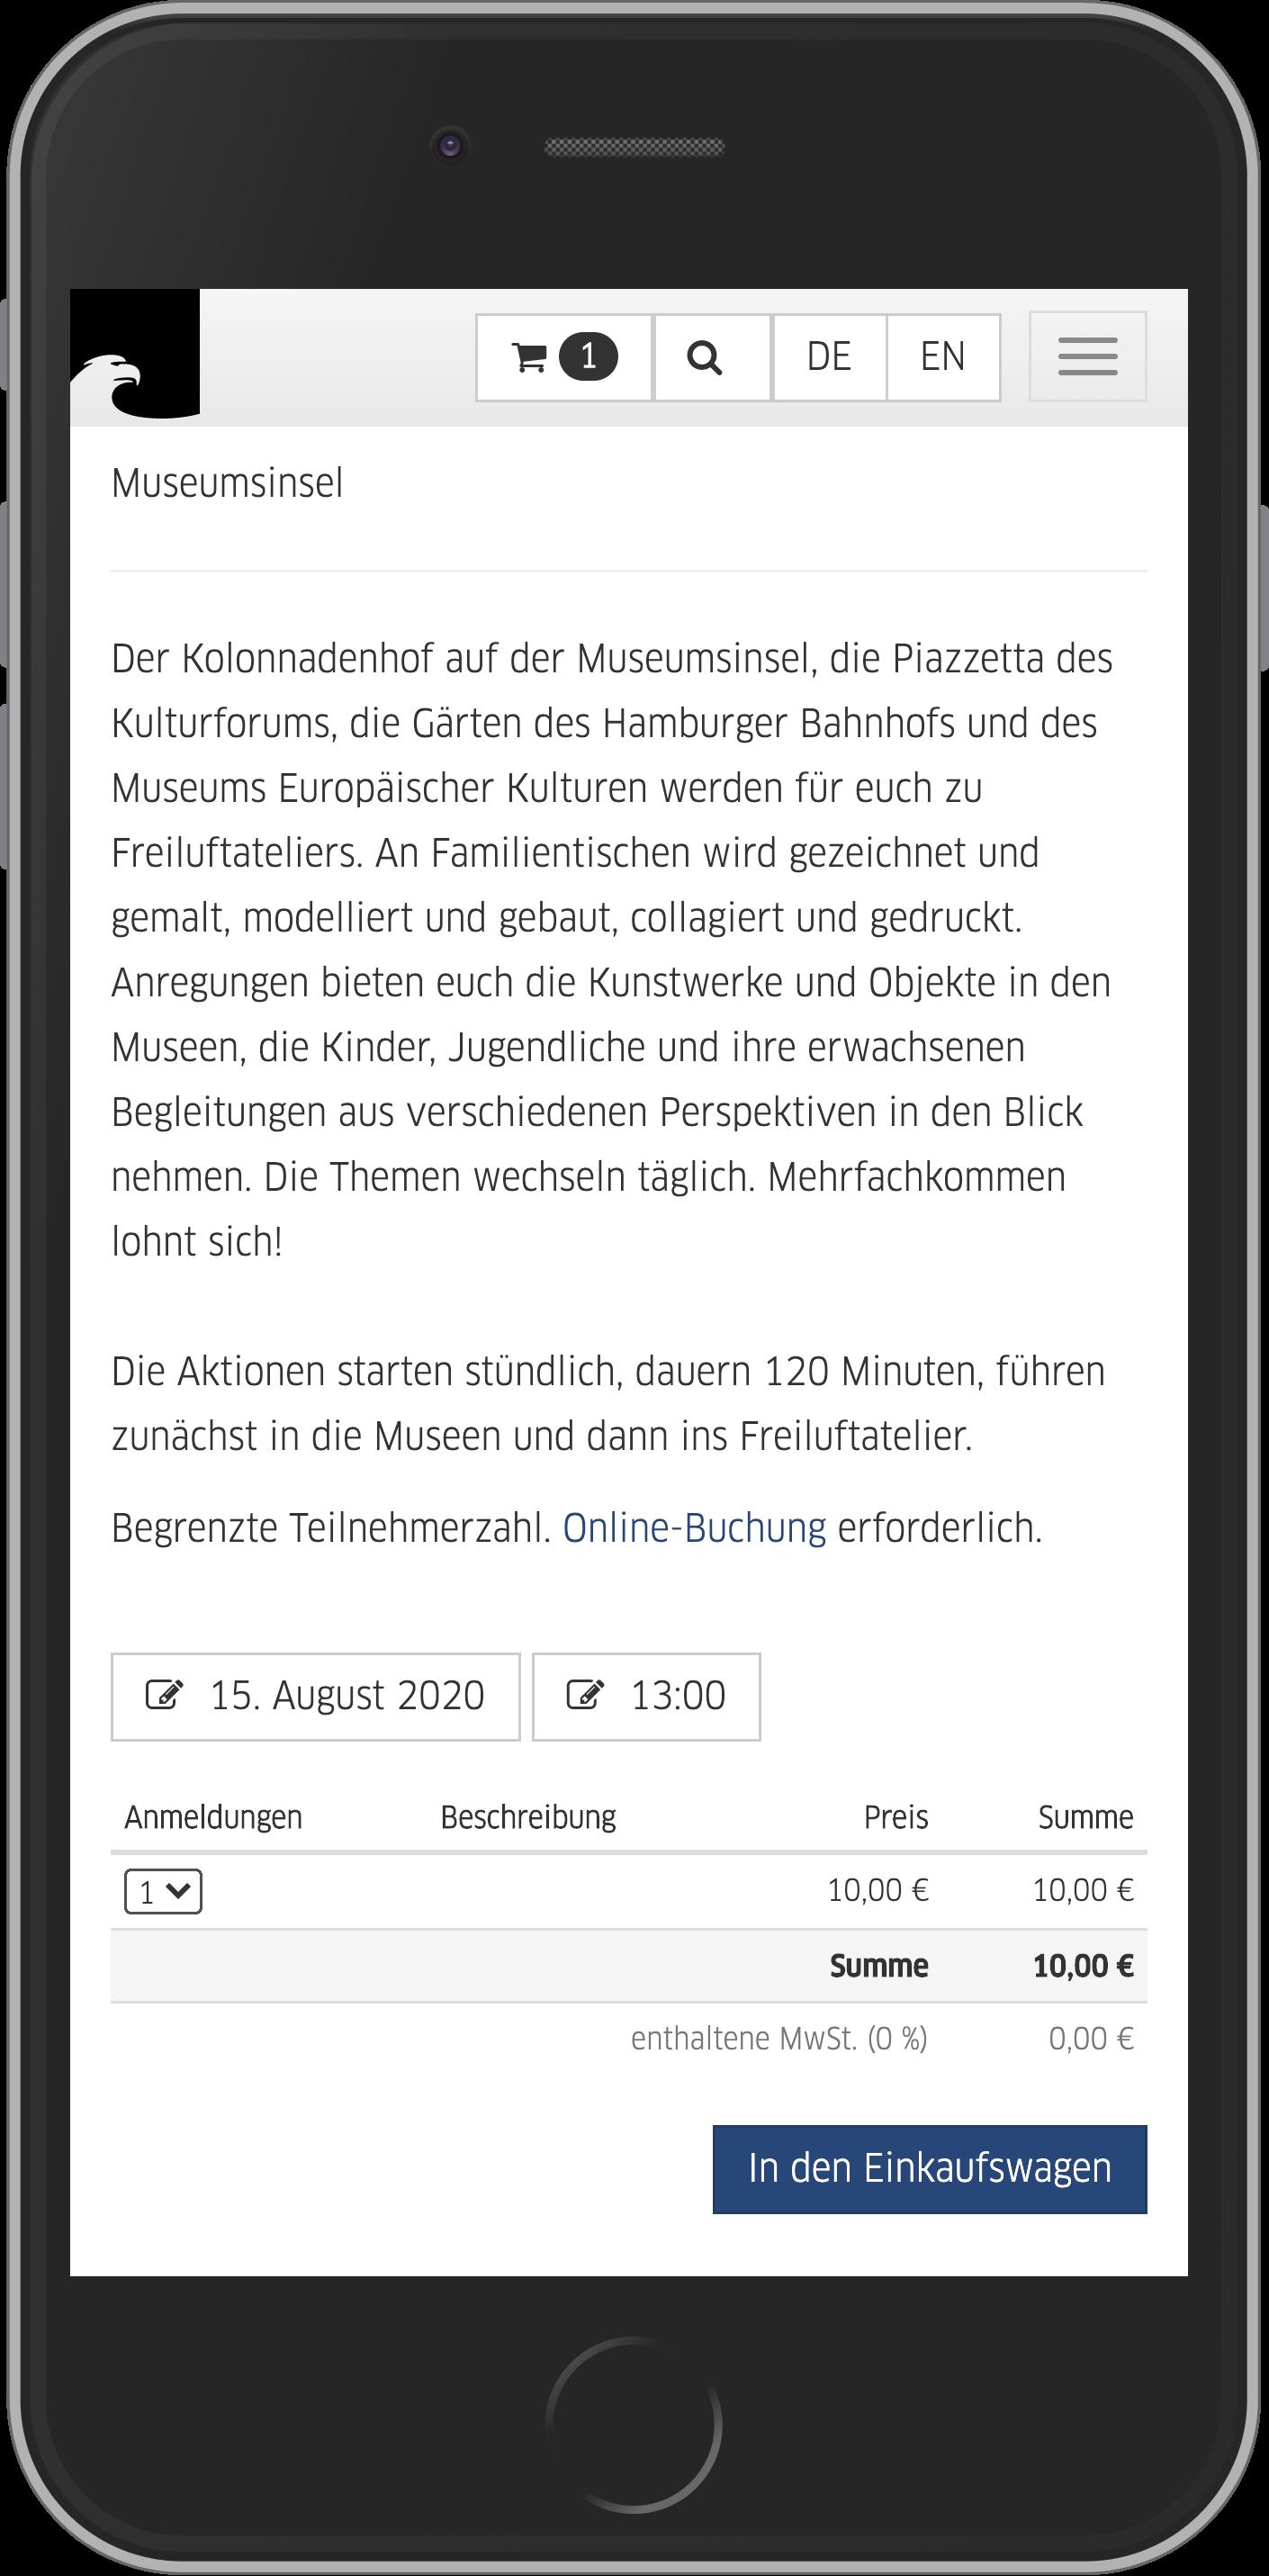 Mobile Ansicht der Teilnehmereingabe bei der Eventbuchung im Online Shop der Staatlichen Museen zu Berlin